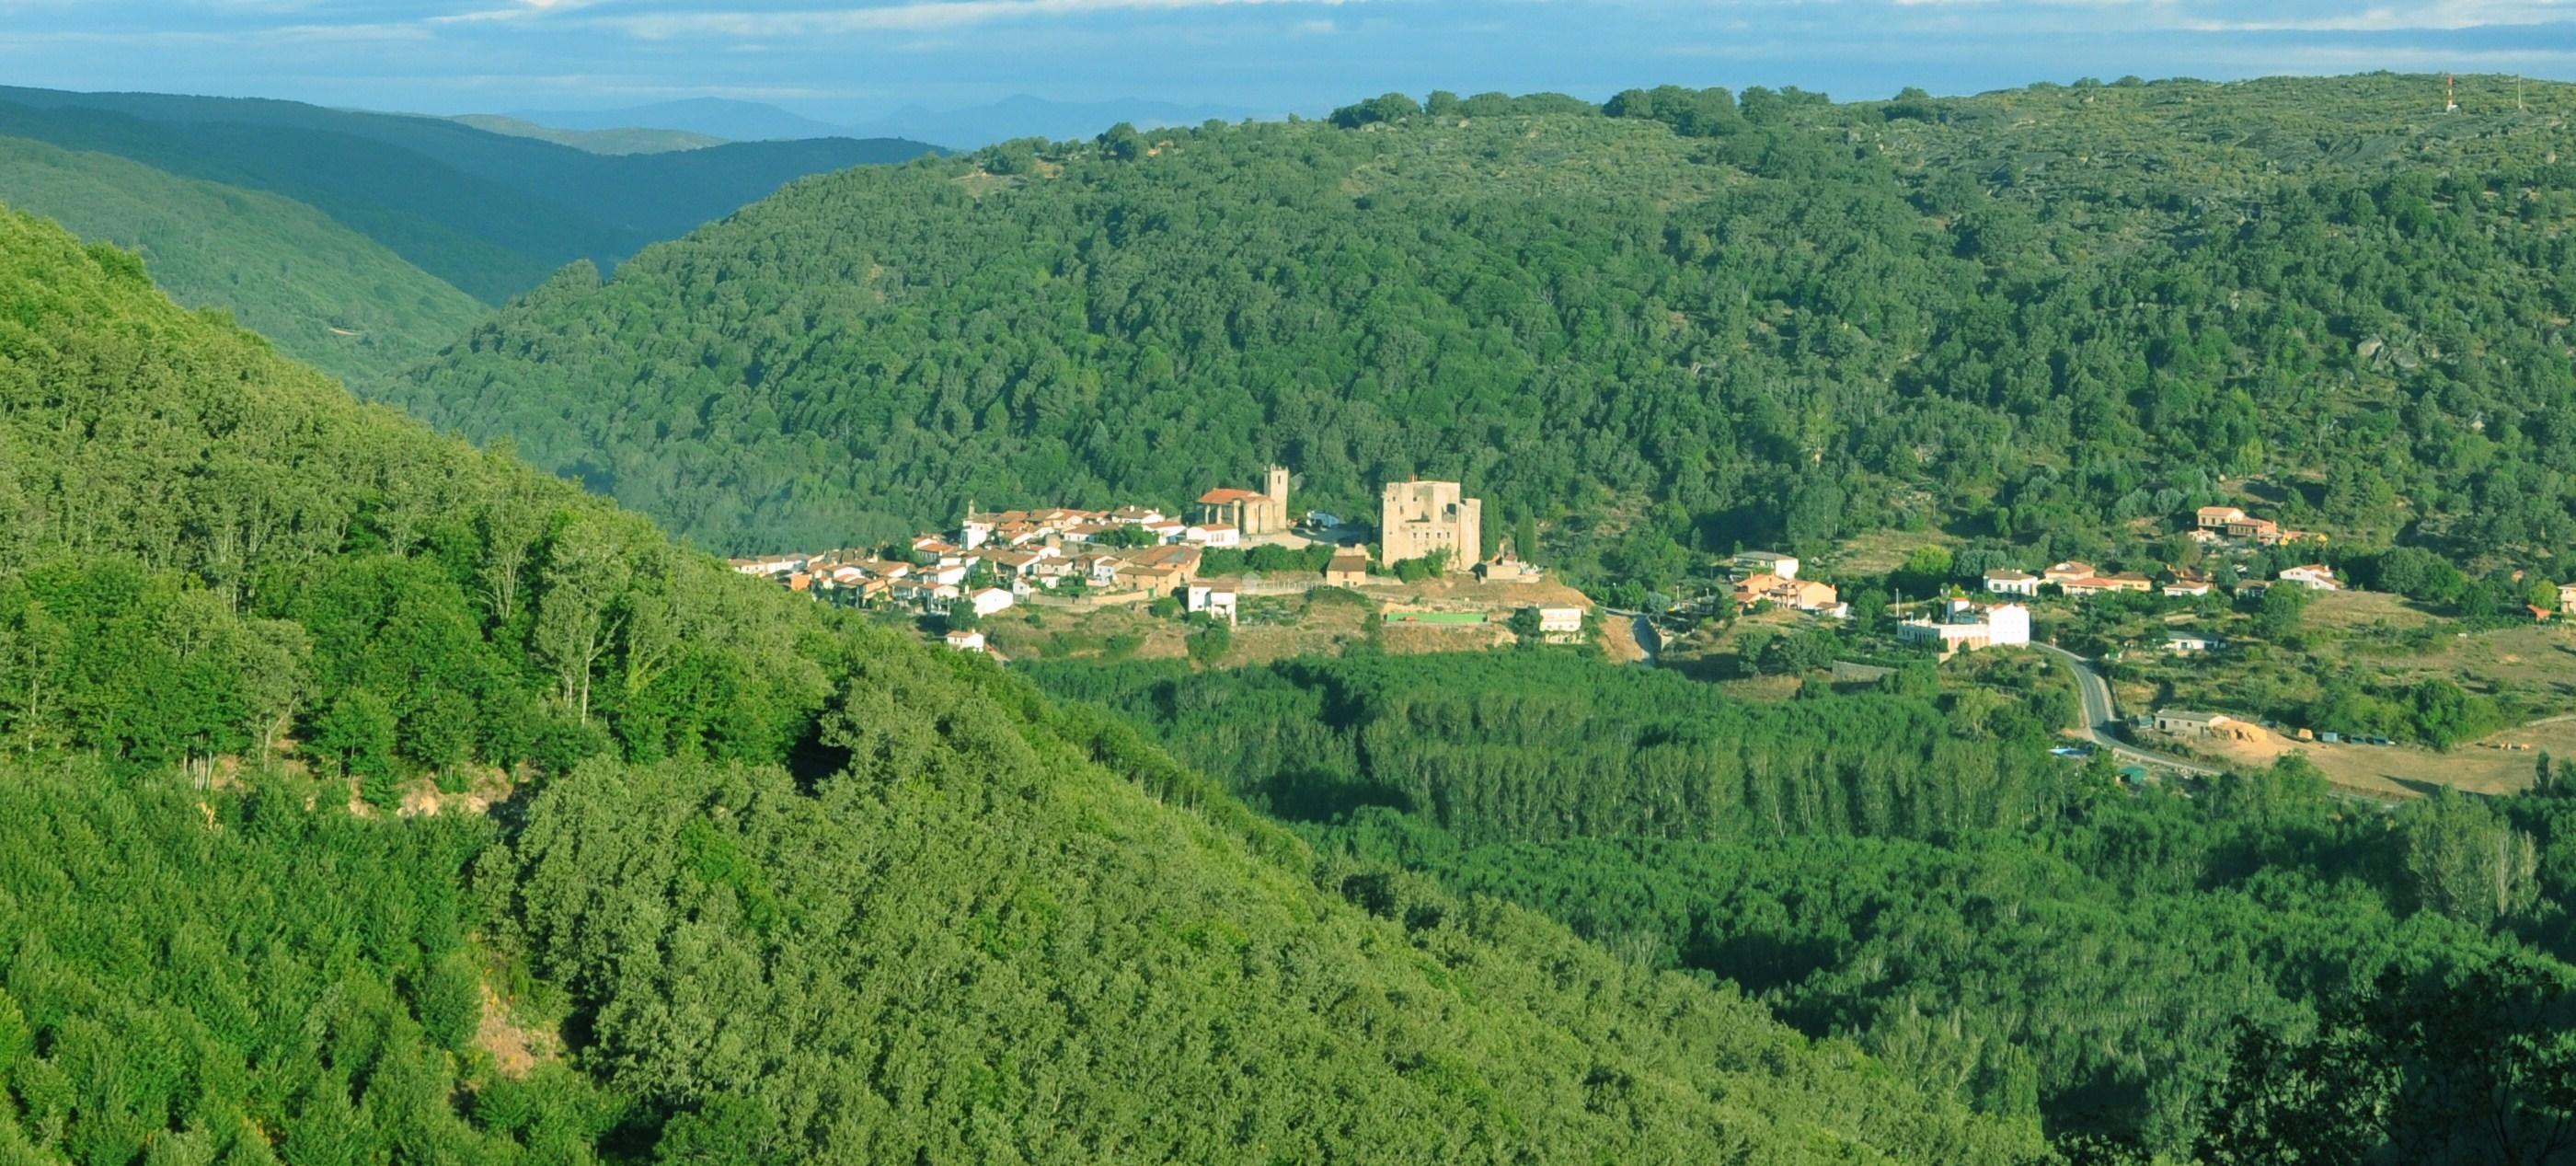 Fotos de casa rural adolfina salamanca montemayor del - Casas del monte casa rural ...